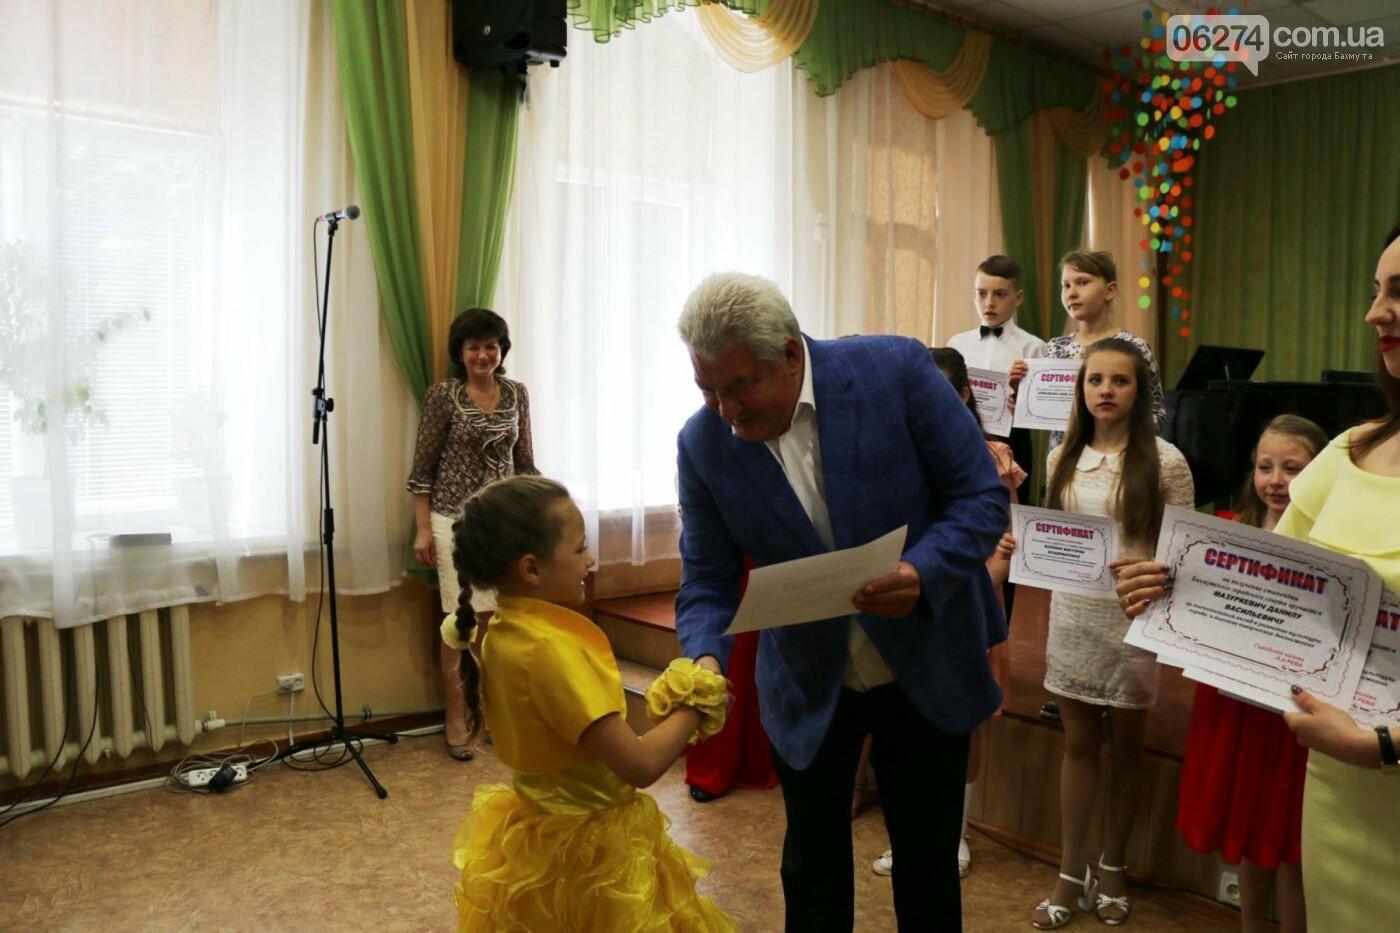 Одаренные дети Бахмута получили стипендии в награду за свое искусство, фото-10